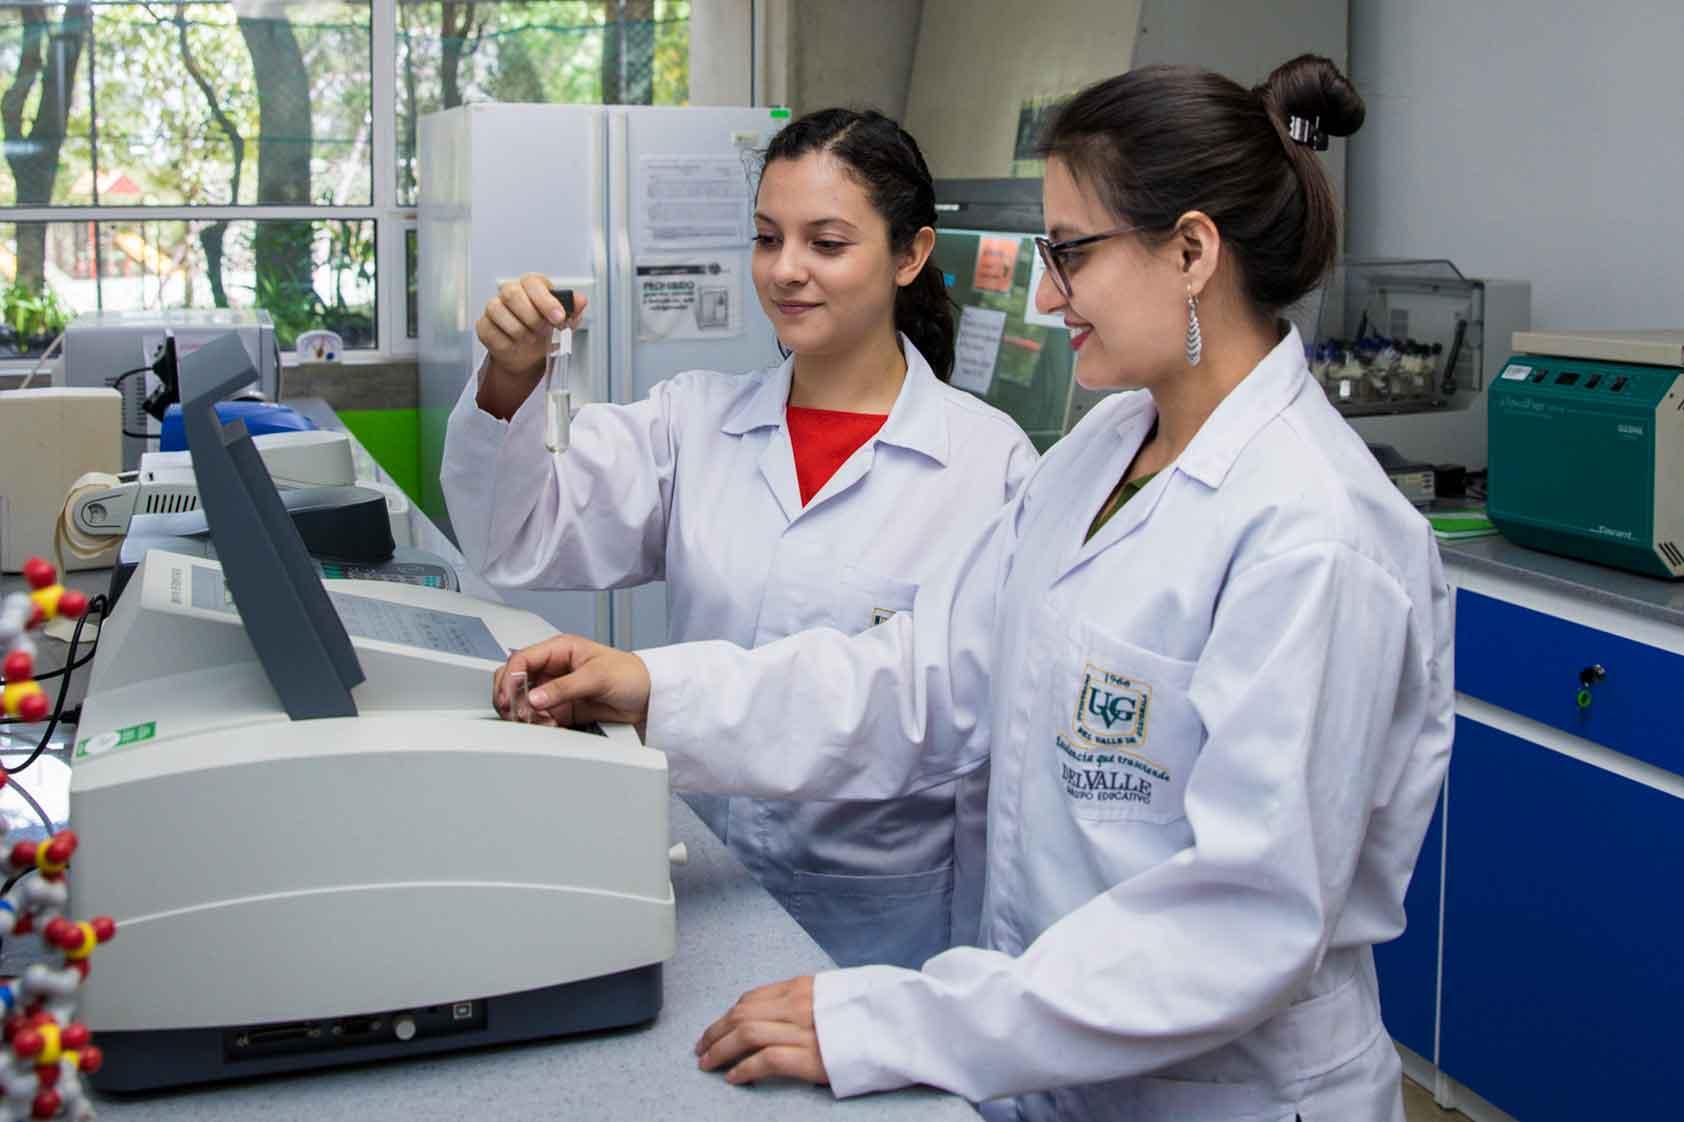 Las microalgas y su uso potencial en biotecnología